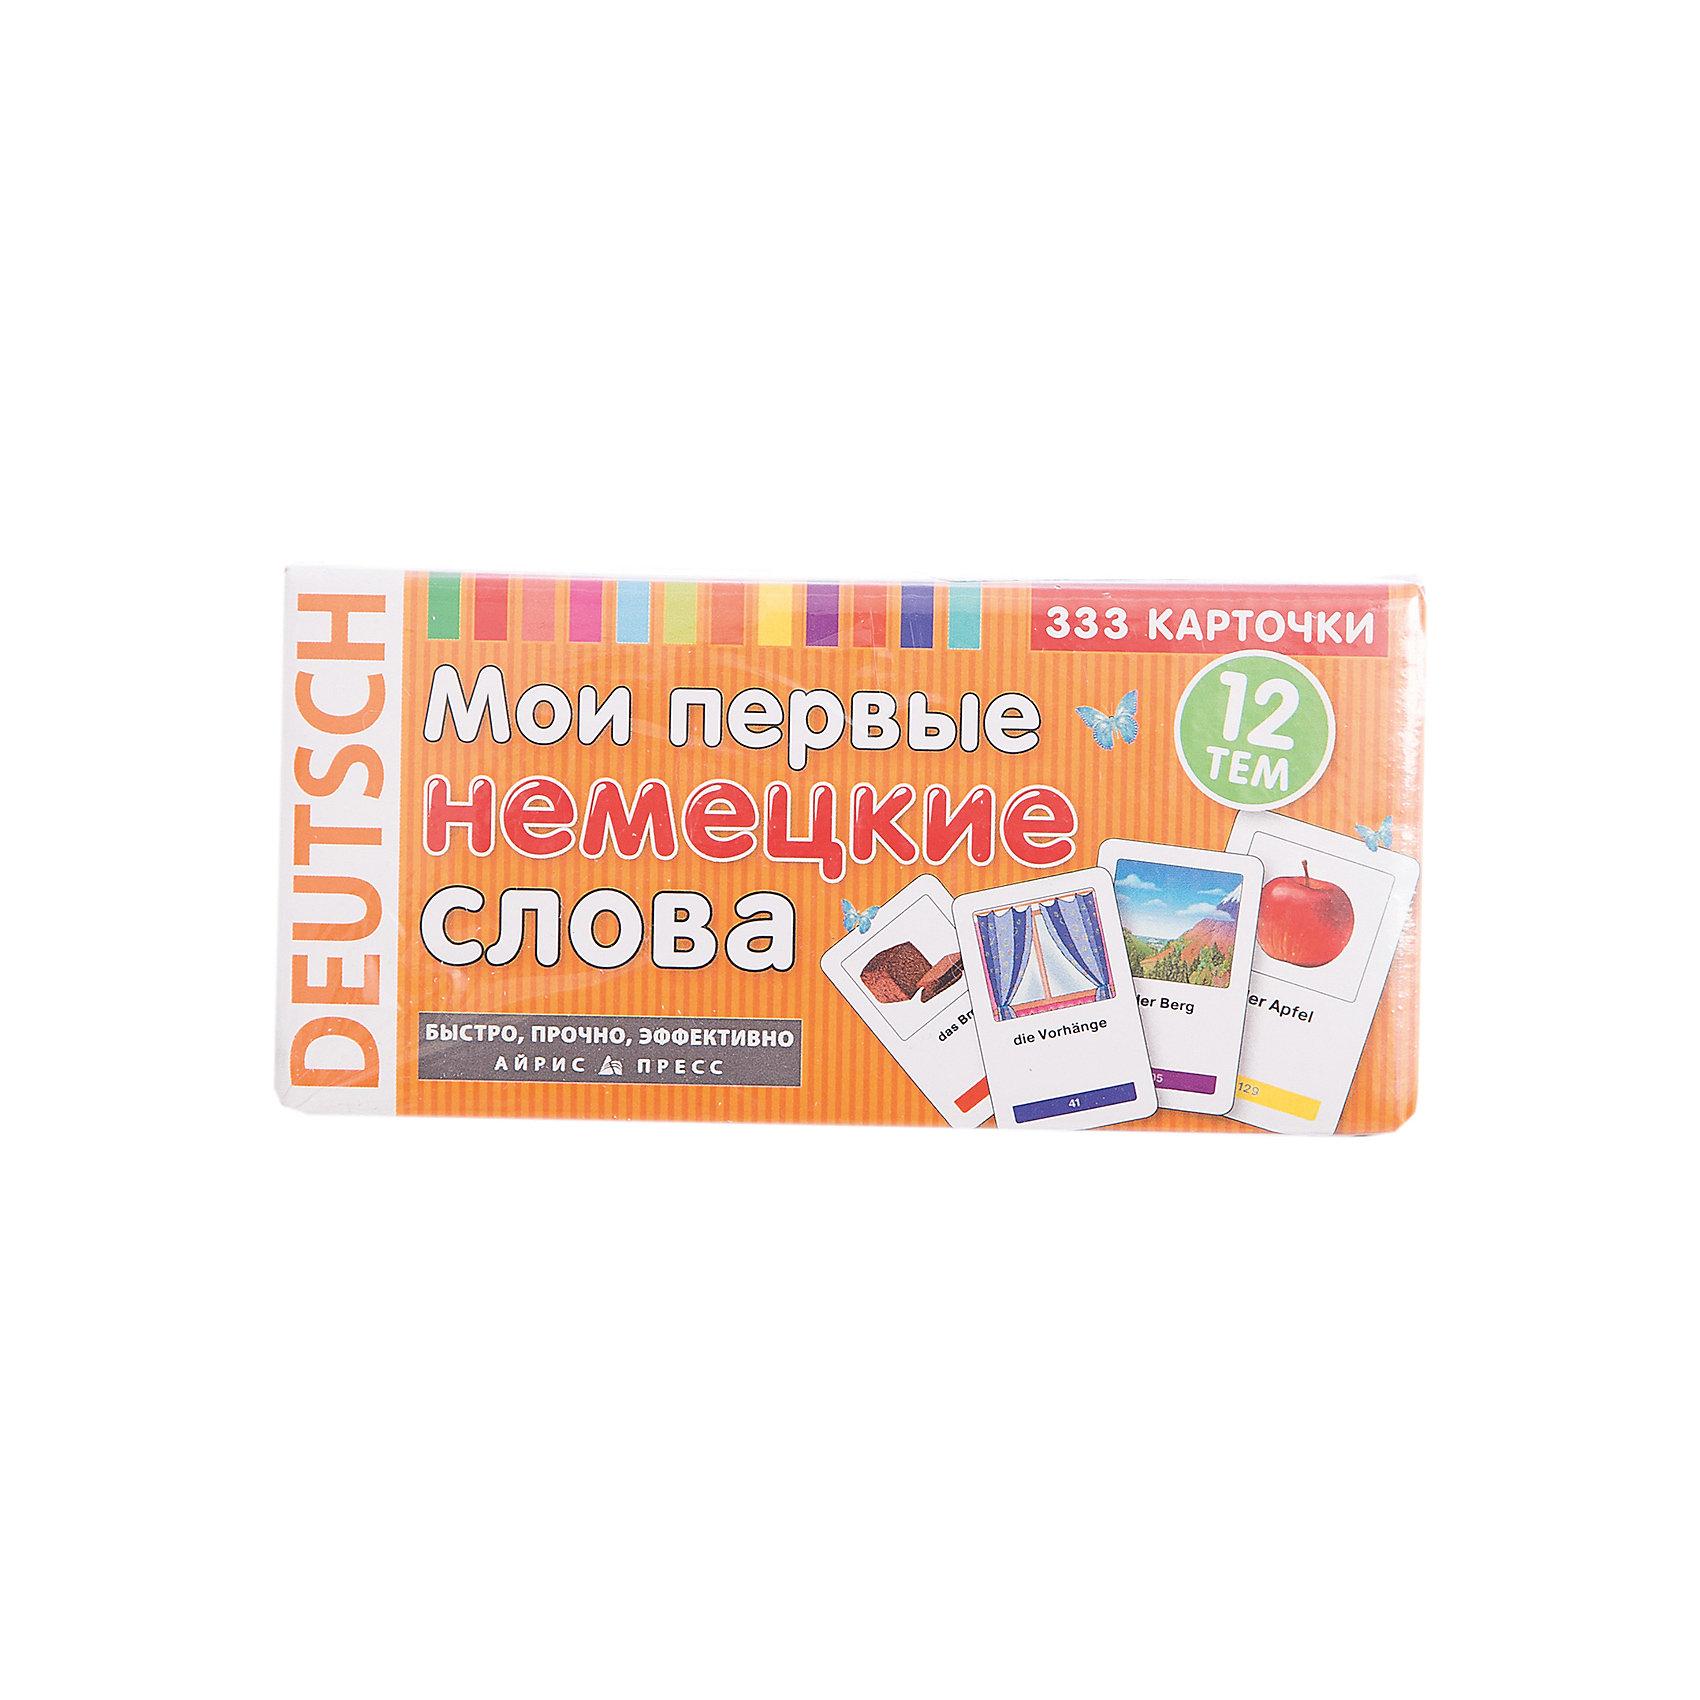 333 карточки для запоминания Мои первые немецкие словаИностранный язык<br>Характеристики товара:<br><br>• возраст: от 7 лет<br>• комплектация: 333 картонные карточки<br>• производитель: Айрис-пресс<br>• серия: Тематические карточки<br>• размер карточки: 4,5х7 см.<br>• иллюстрации: черно-белые, цветные<br>• размер упаковки: 7,4х15,8х4,7 см.<br>• вес: 228 гр.<br><br>Комплект карточек предназначен для начинающих изучать немецкий язык.<br><br>На карточках размещены наиболее употребляемые немецкие слова, относящиеся к базовой лексике. Все слова разделены на тематические блоки (12 тем), сопровождаются занимательными иллюстрациями и транскрипцией.<br><br>Предлагаемая методика запоминания основана на связи немецкого и русского слова через картинку. Это позволяет выучить быстро и эффективно большое количество новых слов.<br><br>В пособии предусмотрена возможность самостоятельного создания дополнительных карточек с использованием имеющихся в комплекте заготовок.<br><br>333 карточки для запоминания Мои первые немецкие слова можно купить в нашем интернет-магазине.<br><br>Ширина мм: 48<br>Глубина мм: 157<br>Высота мм: 75<br>Вес г: 235<br>Возраст от месяцев: -2147483648<br>Возраст до месяцев: 2147483647<br>Пол: Унисекс<br>Возраст: Детский<br>SKU: 6849639